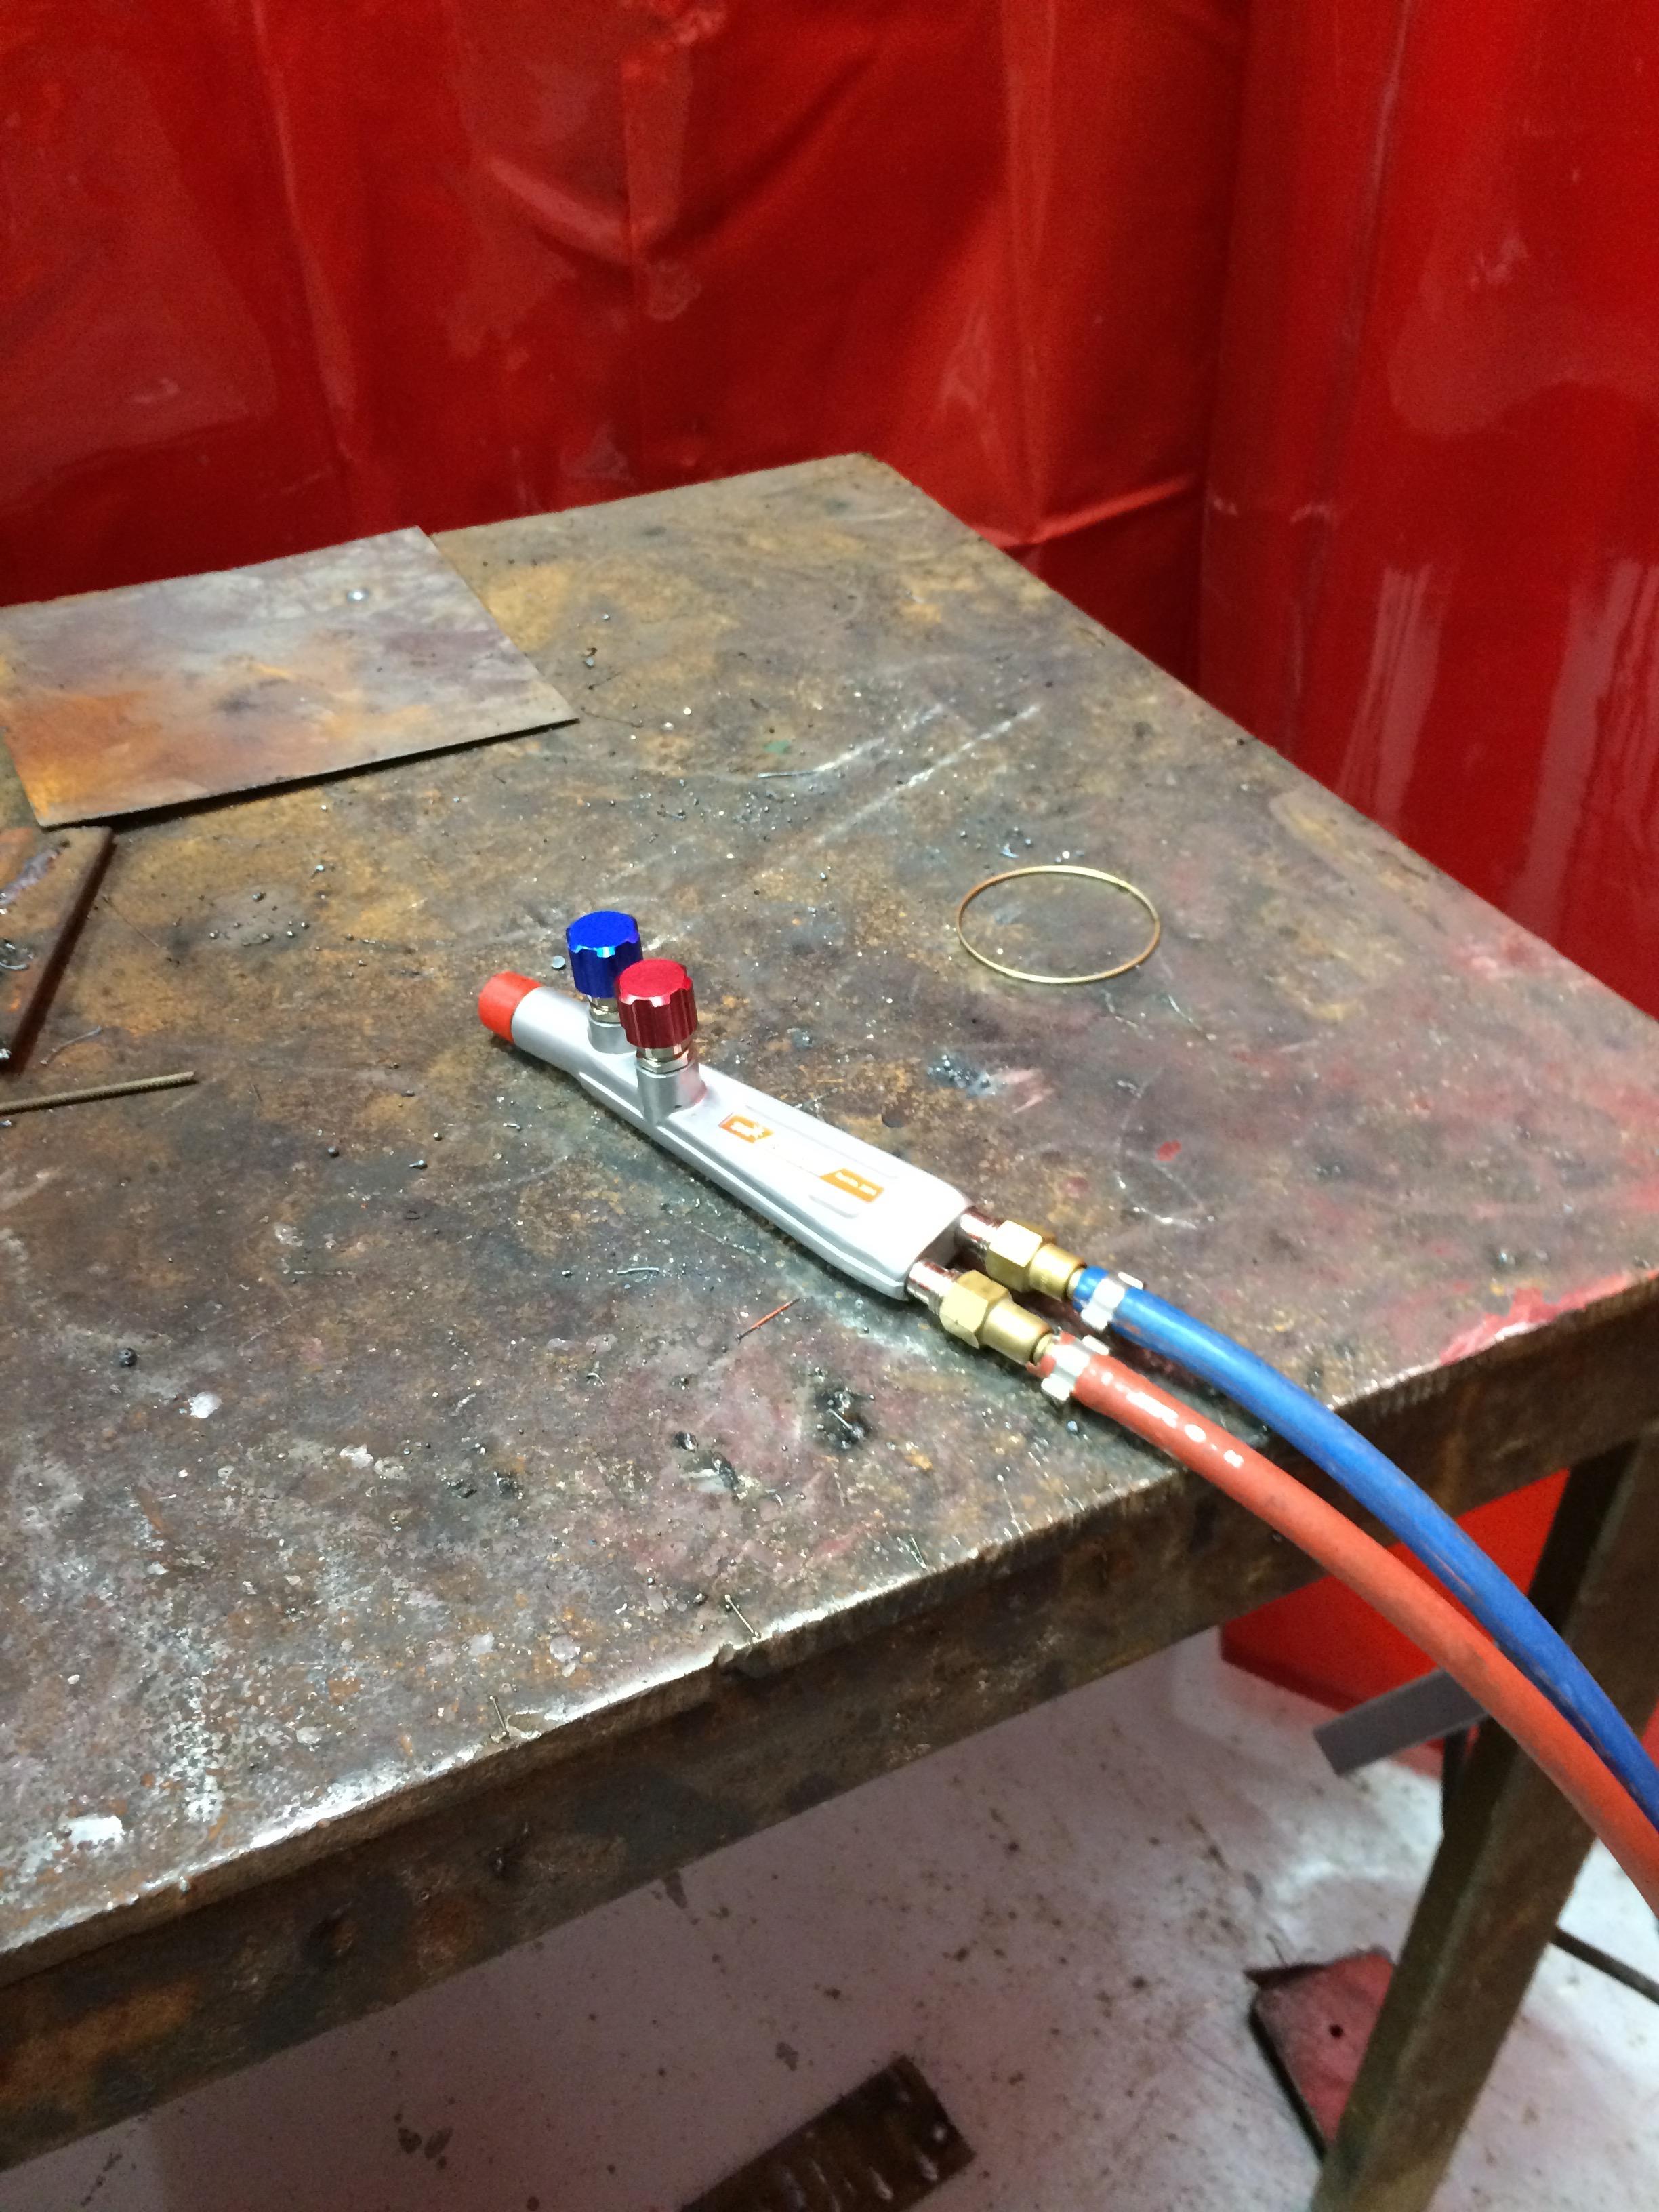 tool to heat metal